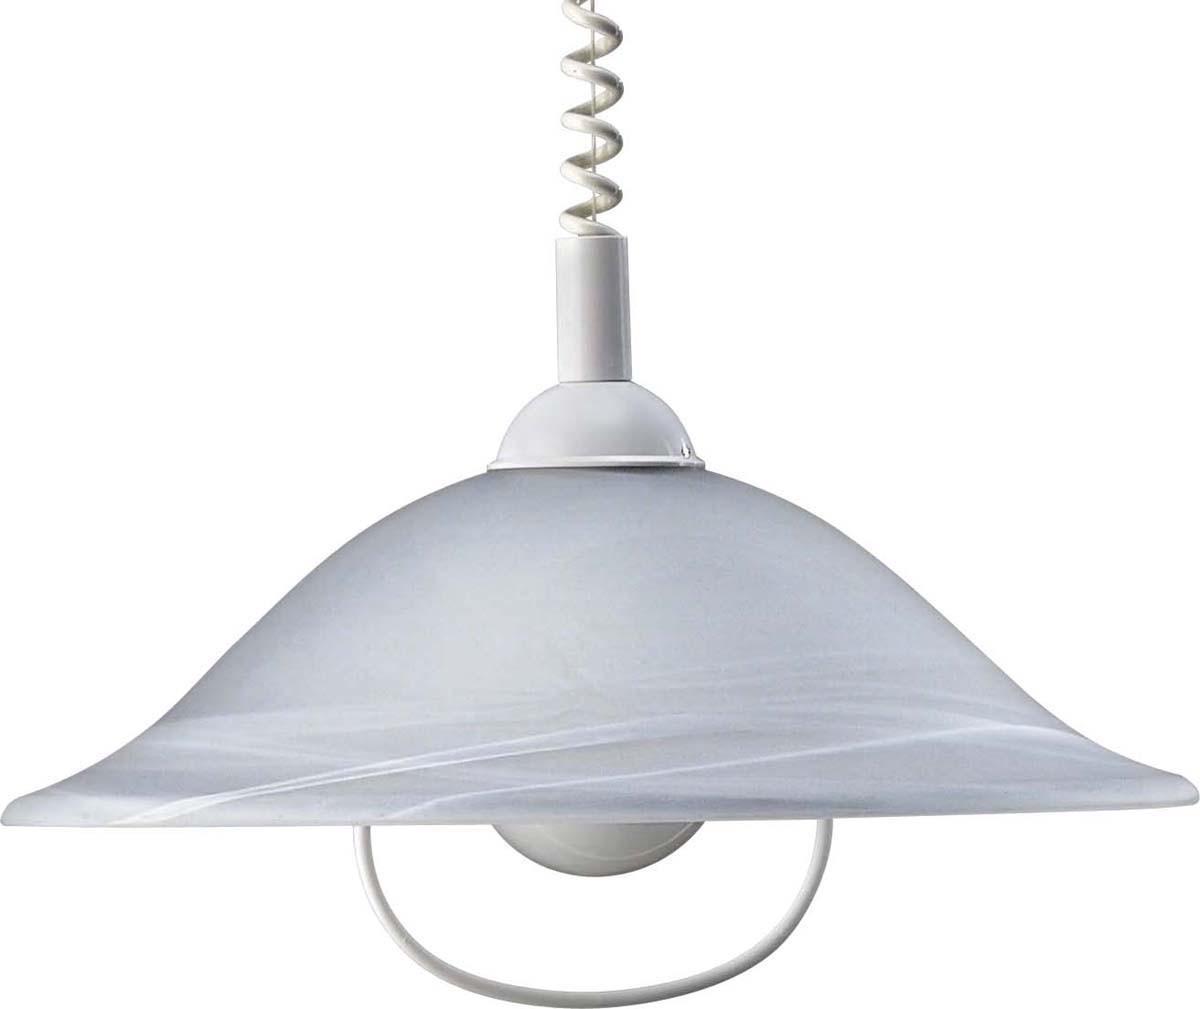 Neu Glaspendel Modern höhenverstellbar Küchenleuchte Küche Fobes 41924 31 10 eBay